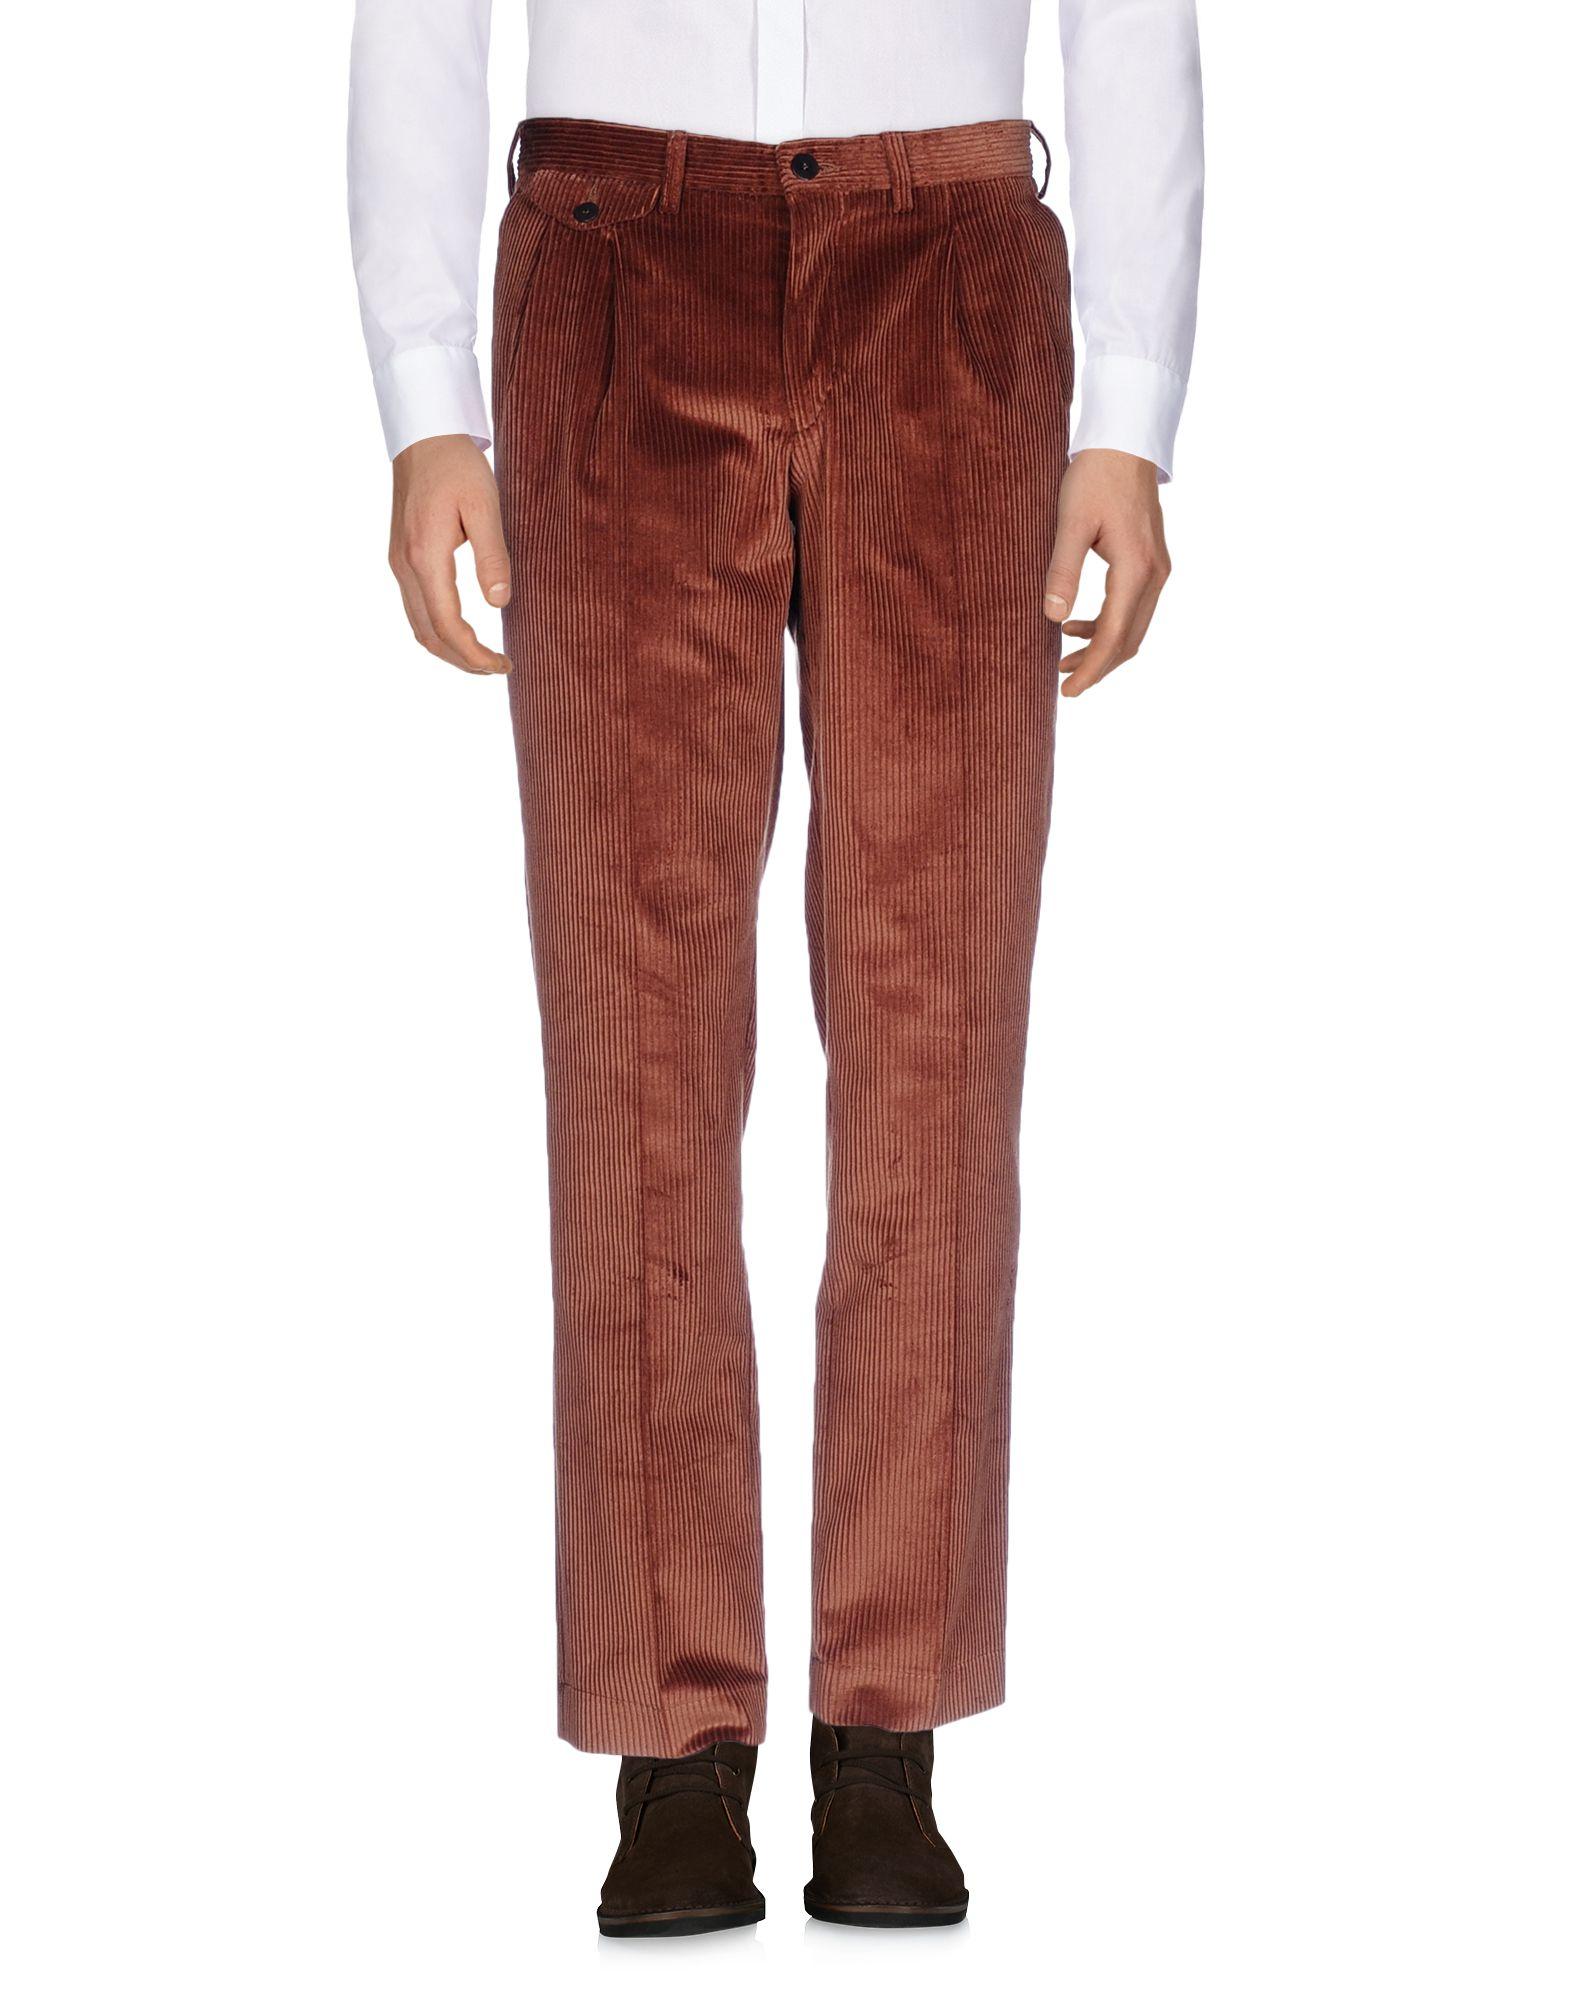 《期間限定セール中》LA PAZ メンズ パンツ ブラウン L 100% コットン